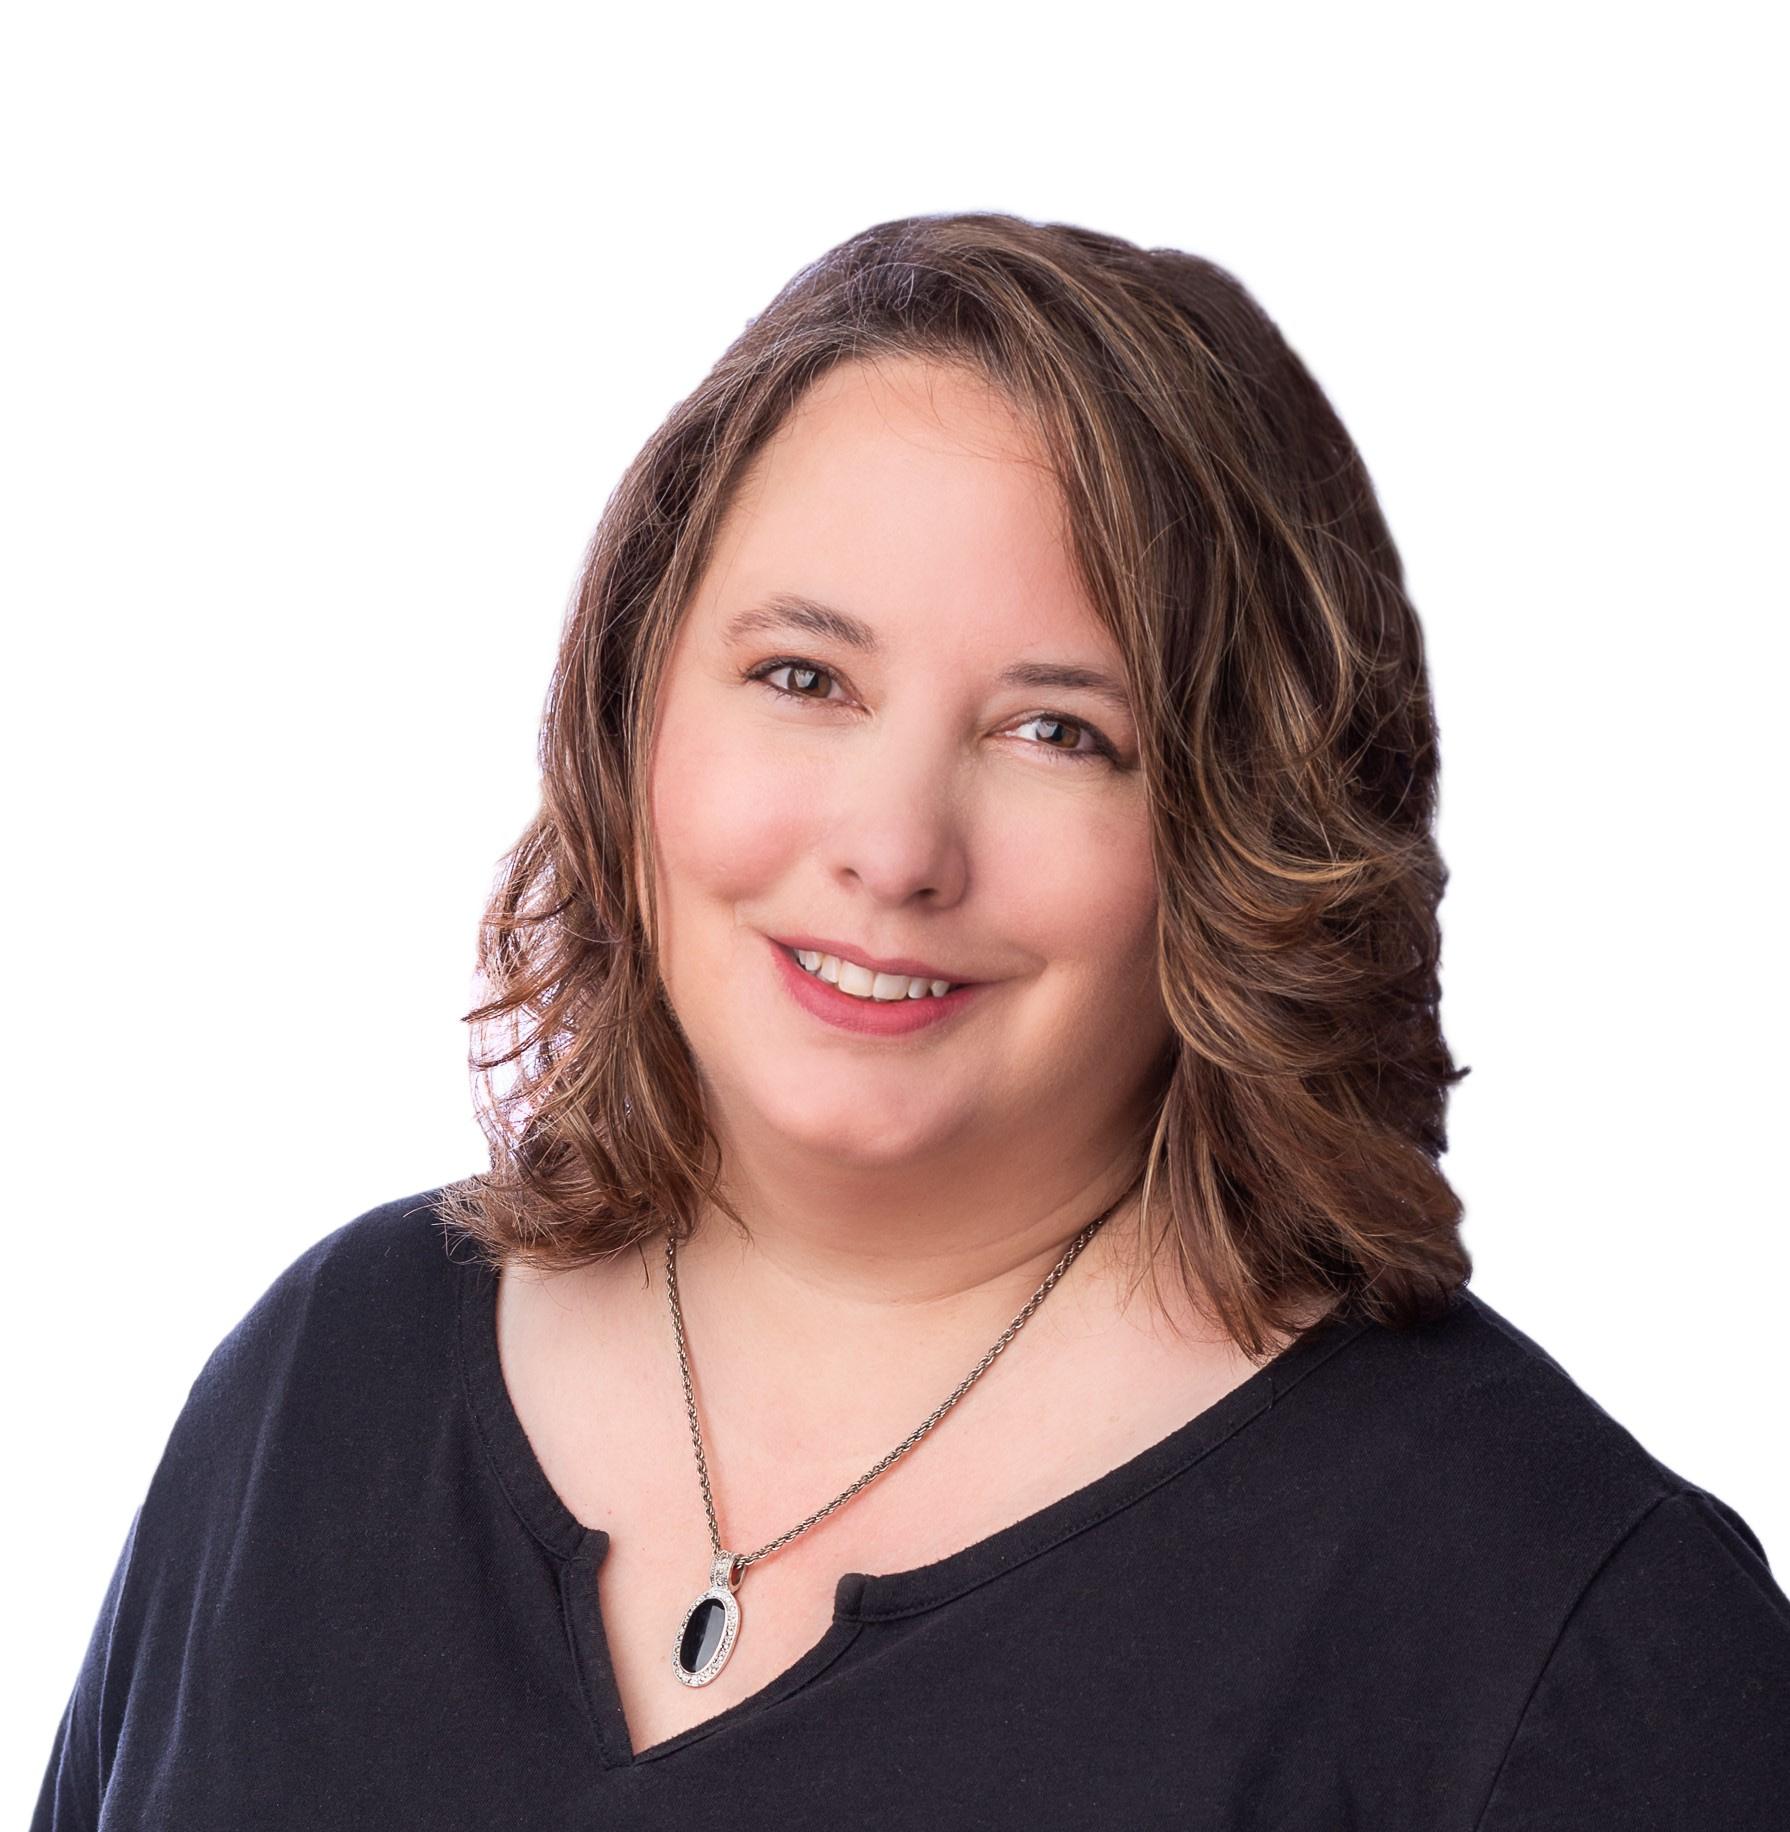 Heather Erickson Headshot